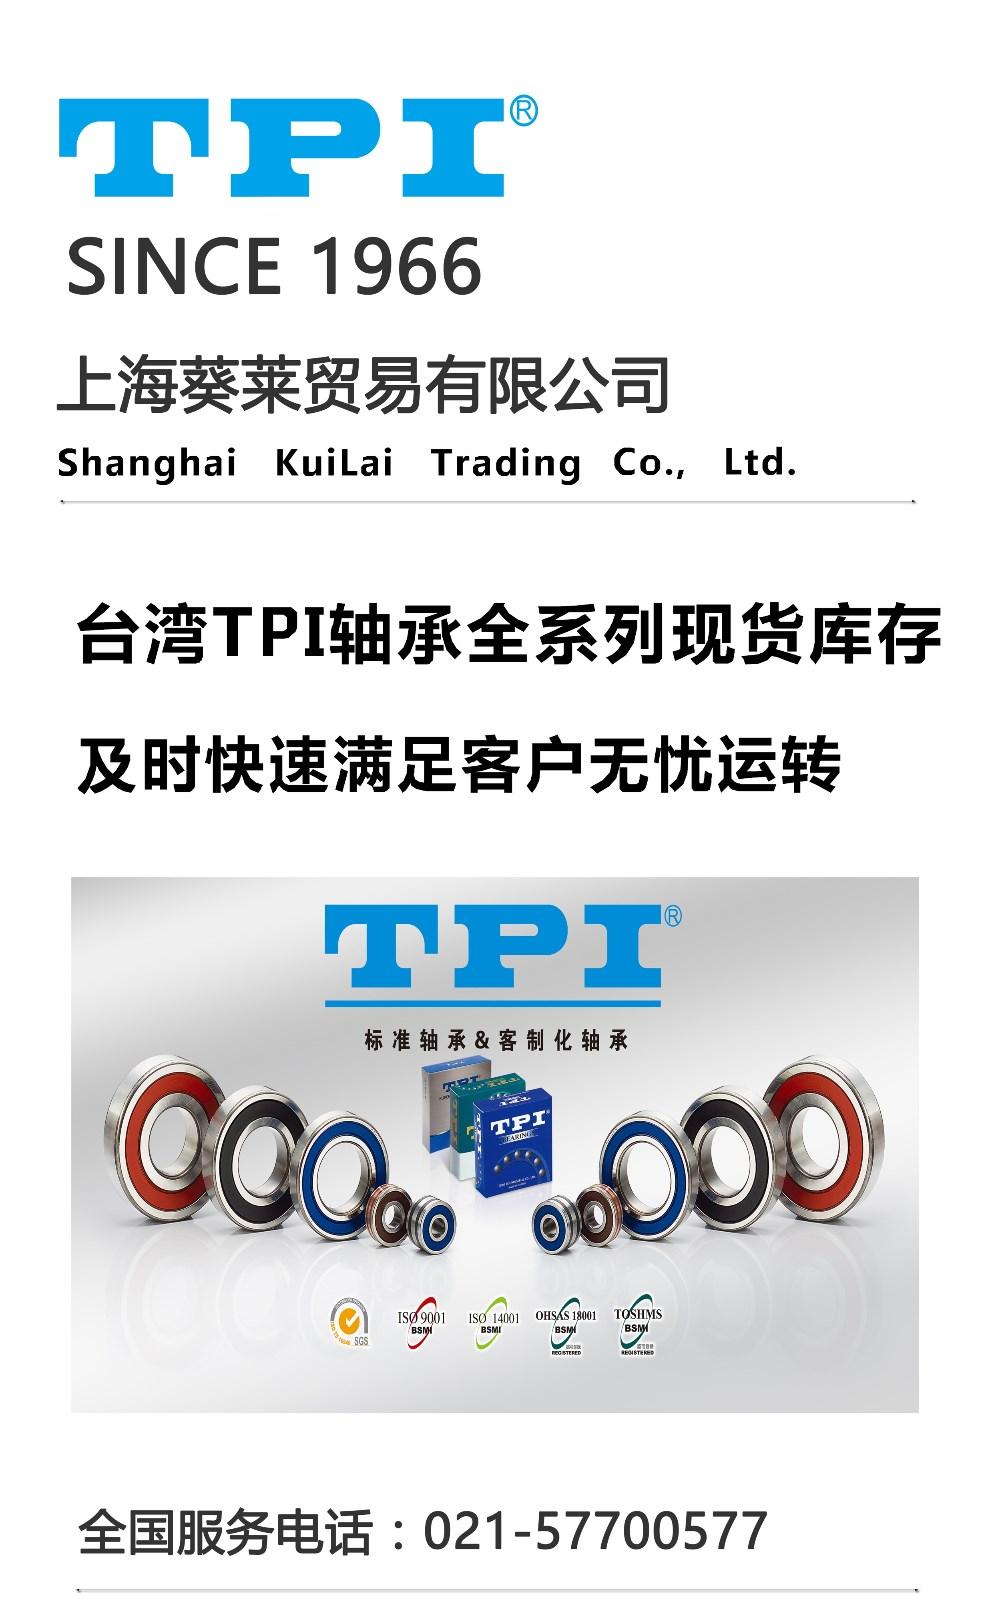 台湾东培轴承官网 进口机床轴承公司电话 上海葵莱贸易有限公司